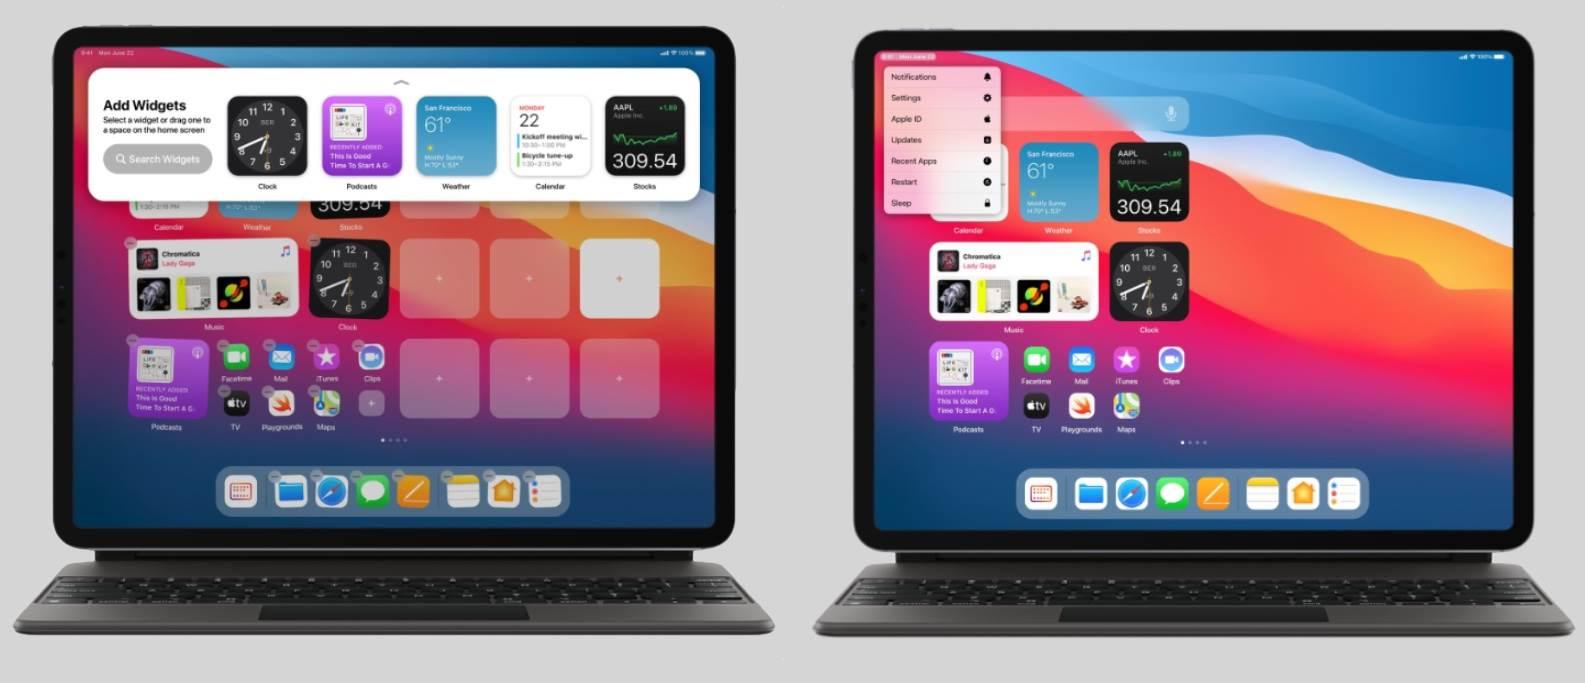 Ciekawa koncepcja iPadOS 15 ciekawostki iPadOS 15, iPad, Apple  Projektant Parker Ortolani przedstawił pierwszą koncepcję iPadOS 15 z ulepszonym ekranem głównym. iPadOS15 3